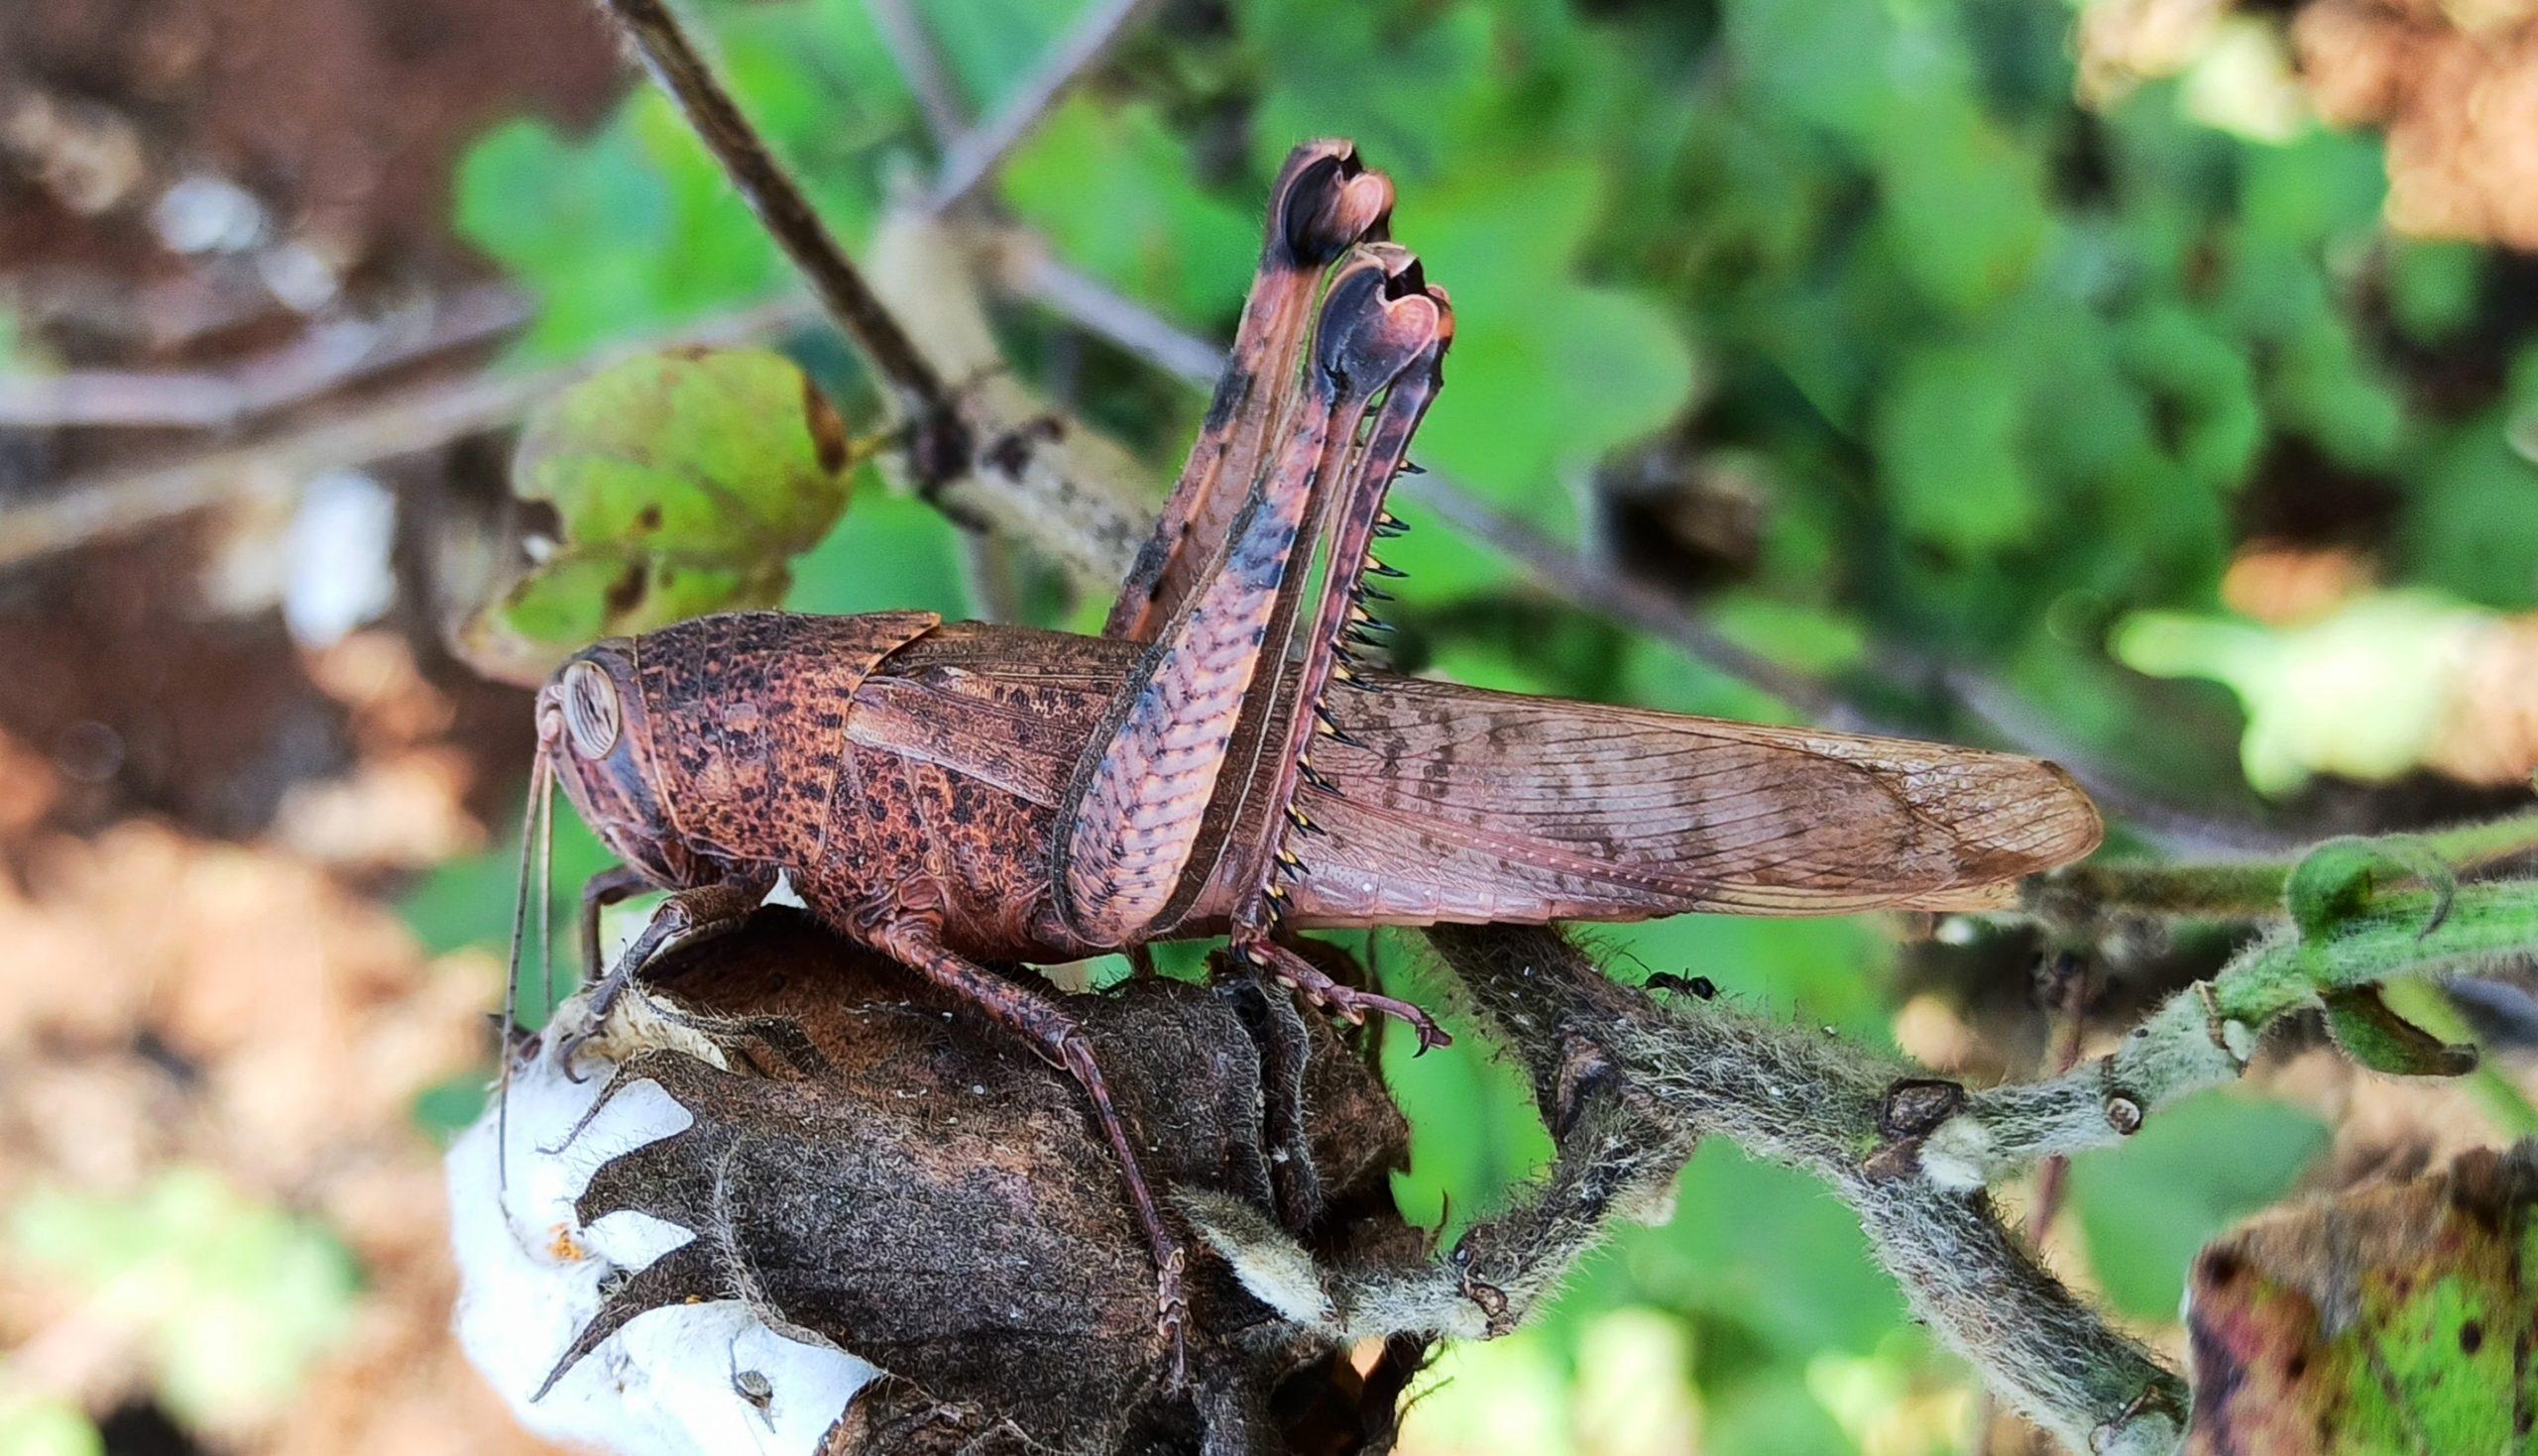 Grasshopper in cotton flower